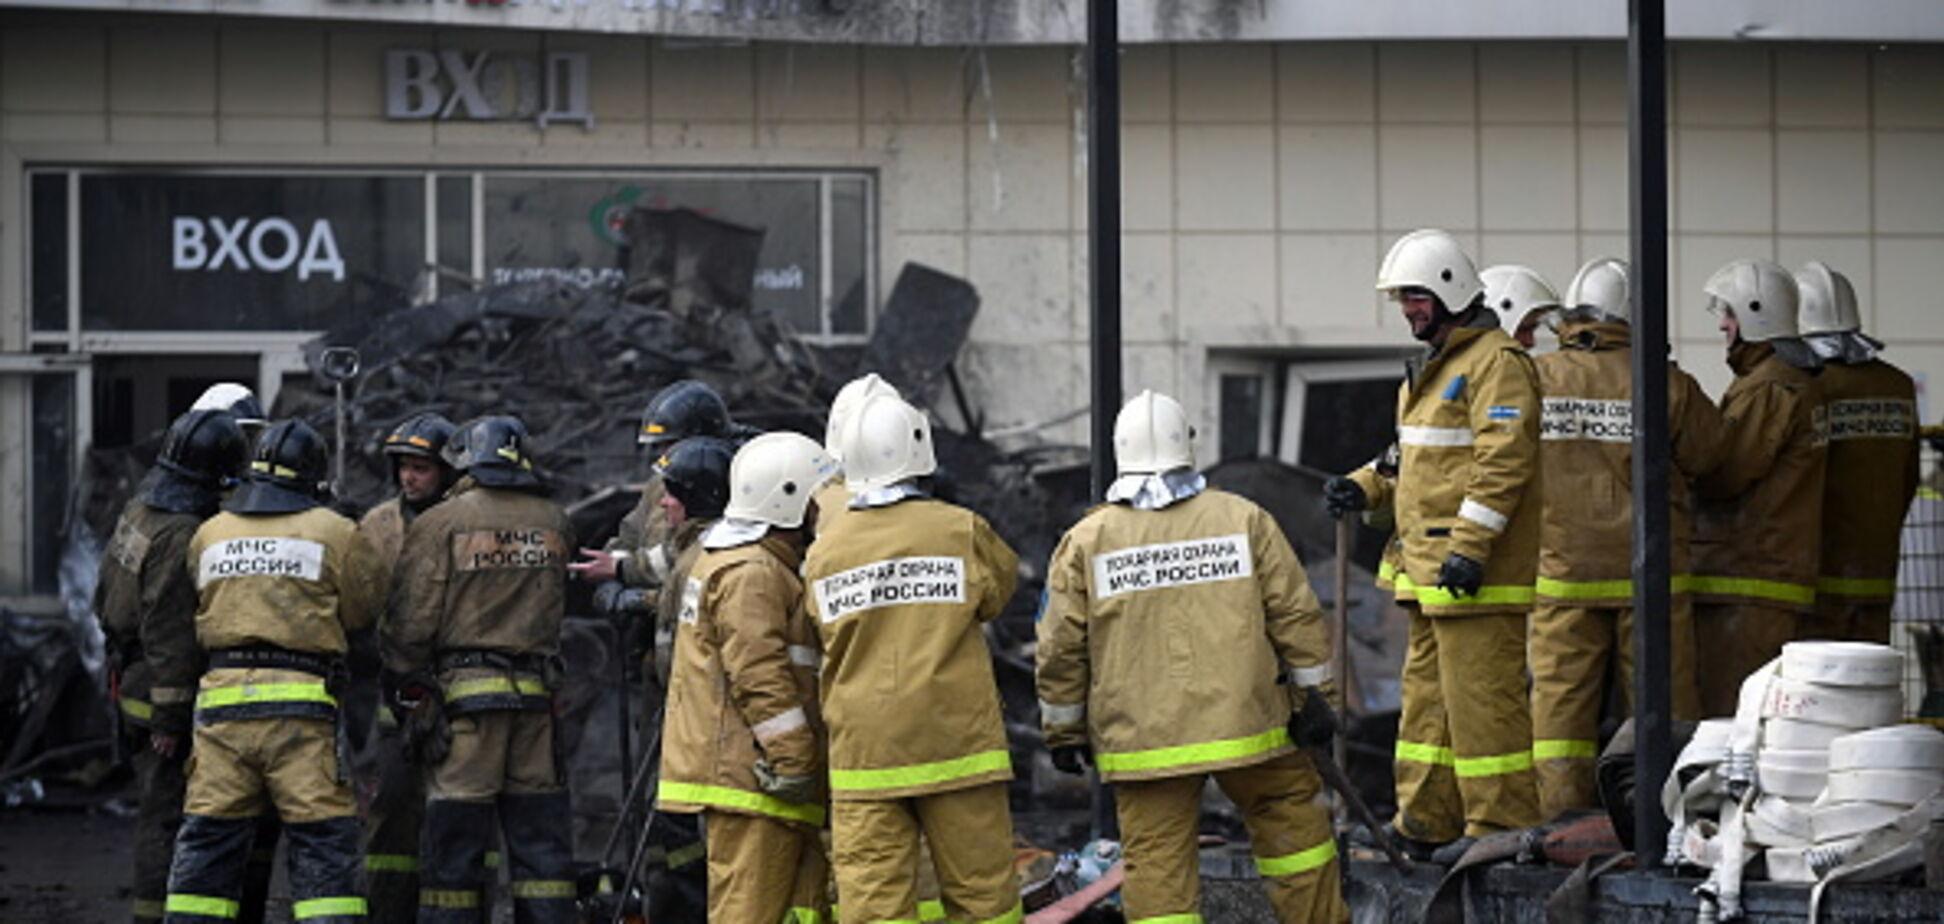 Загибель дітей в Кемерово: з'явилося відео з палаючого ТЦ